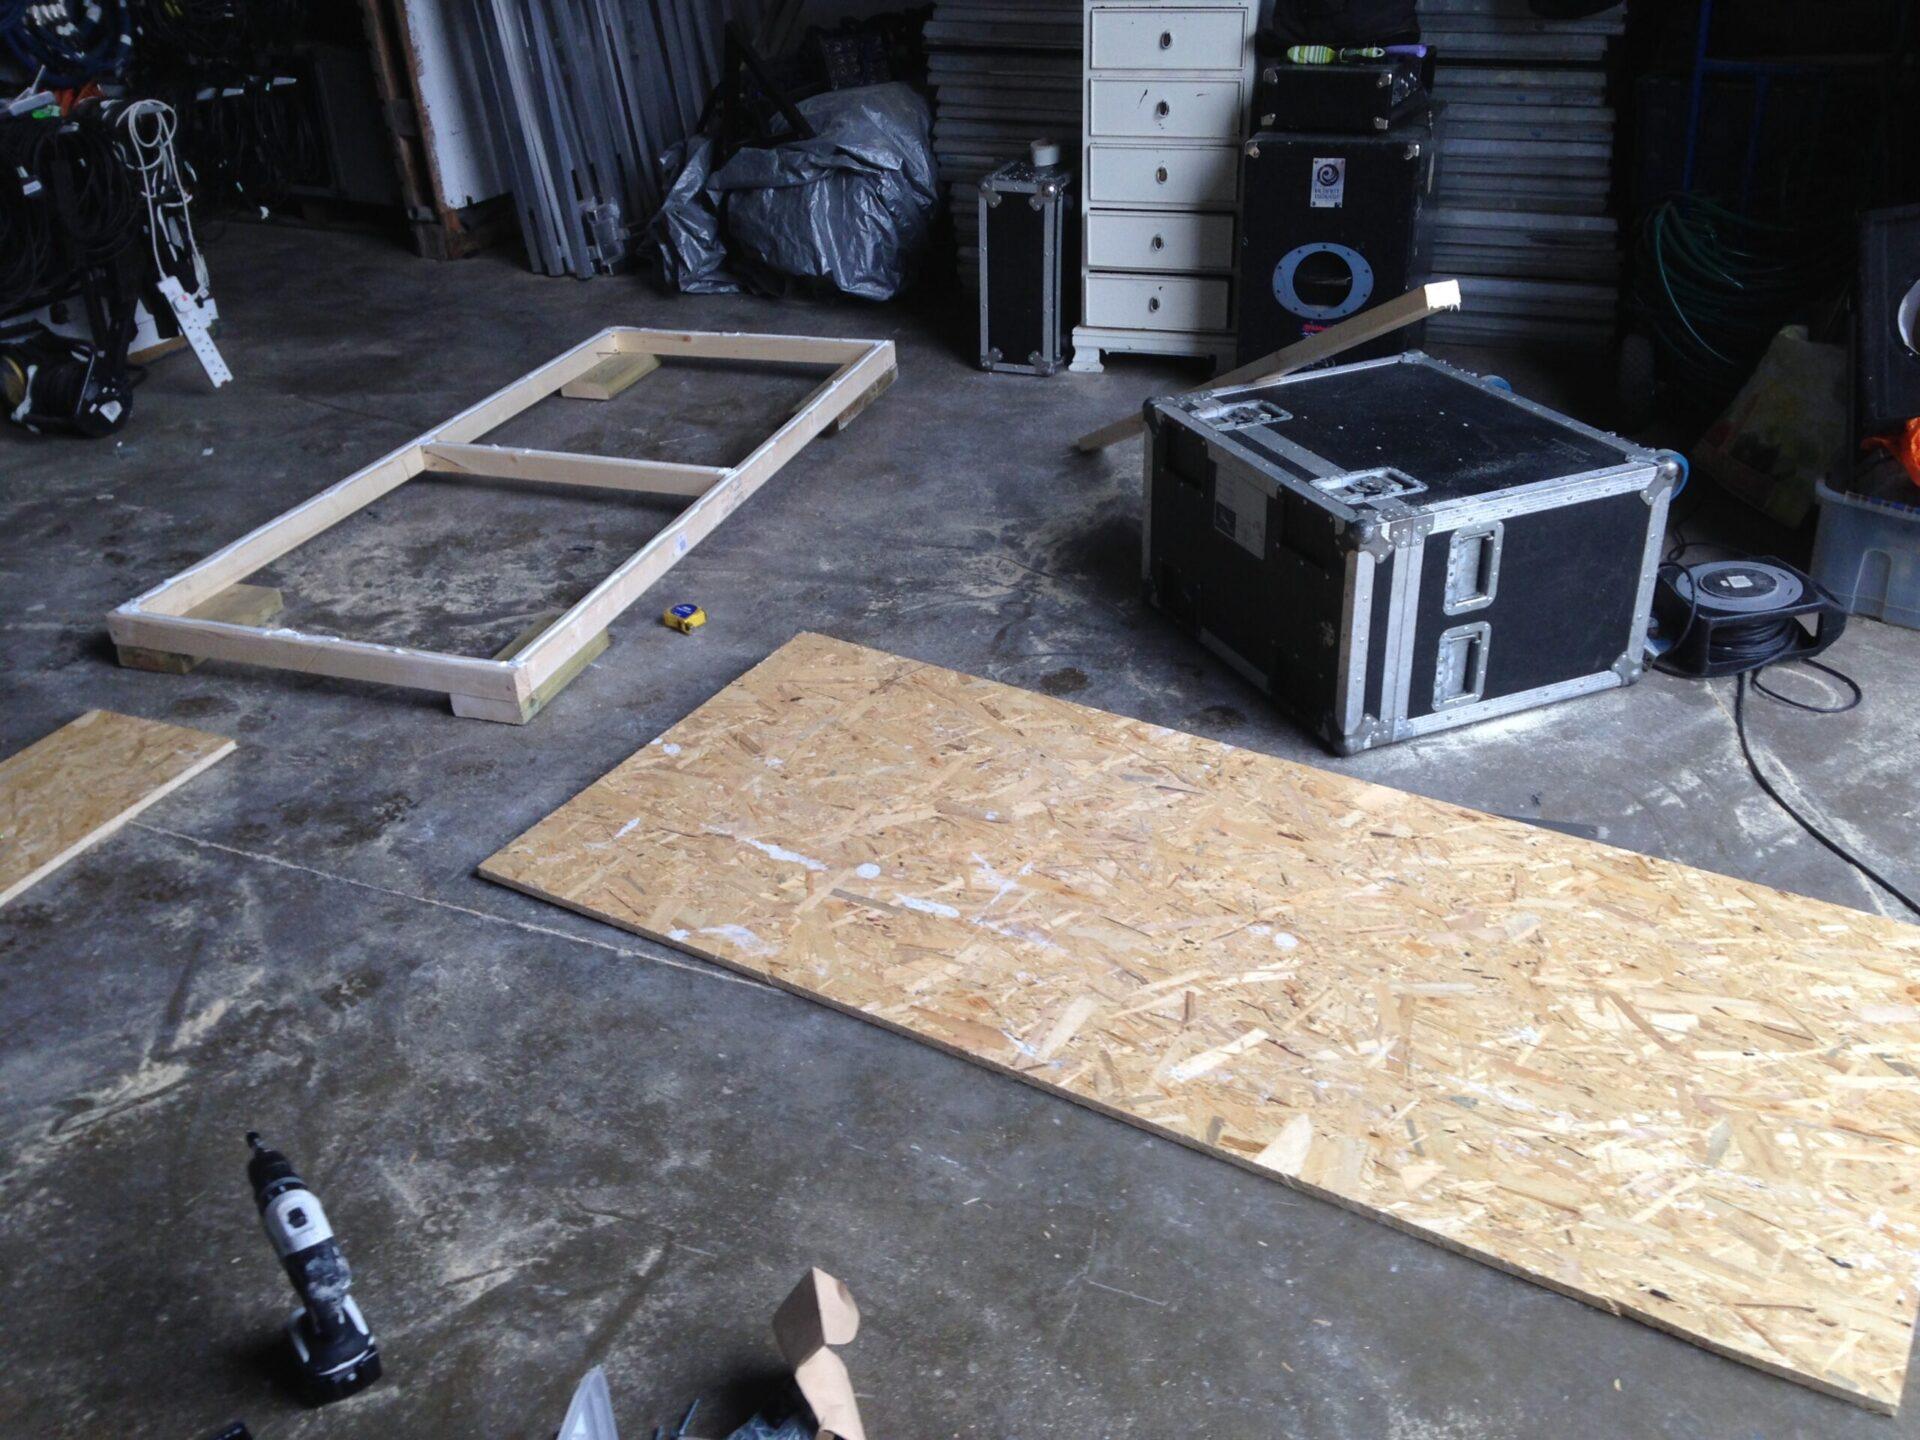 How to make a soundproof door